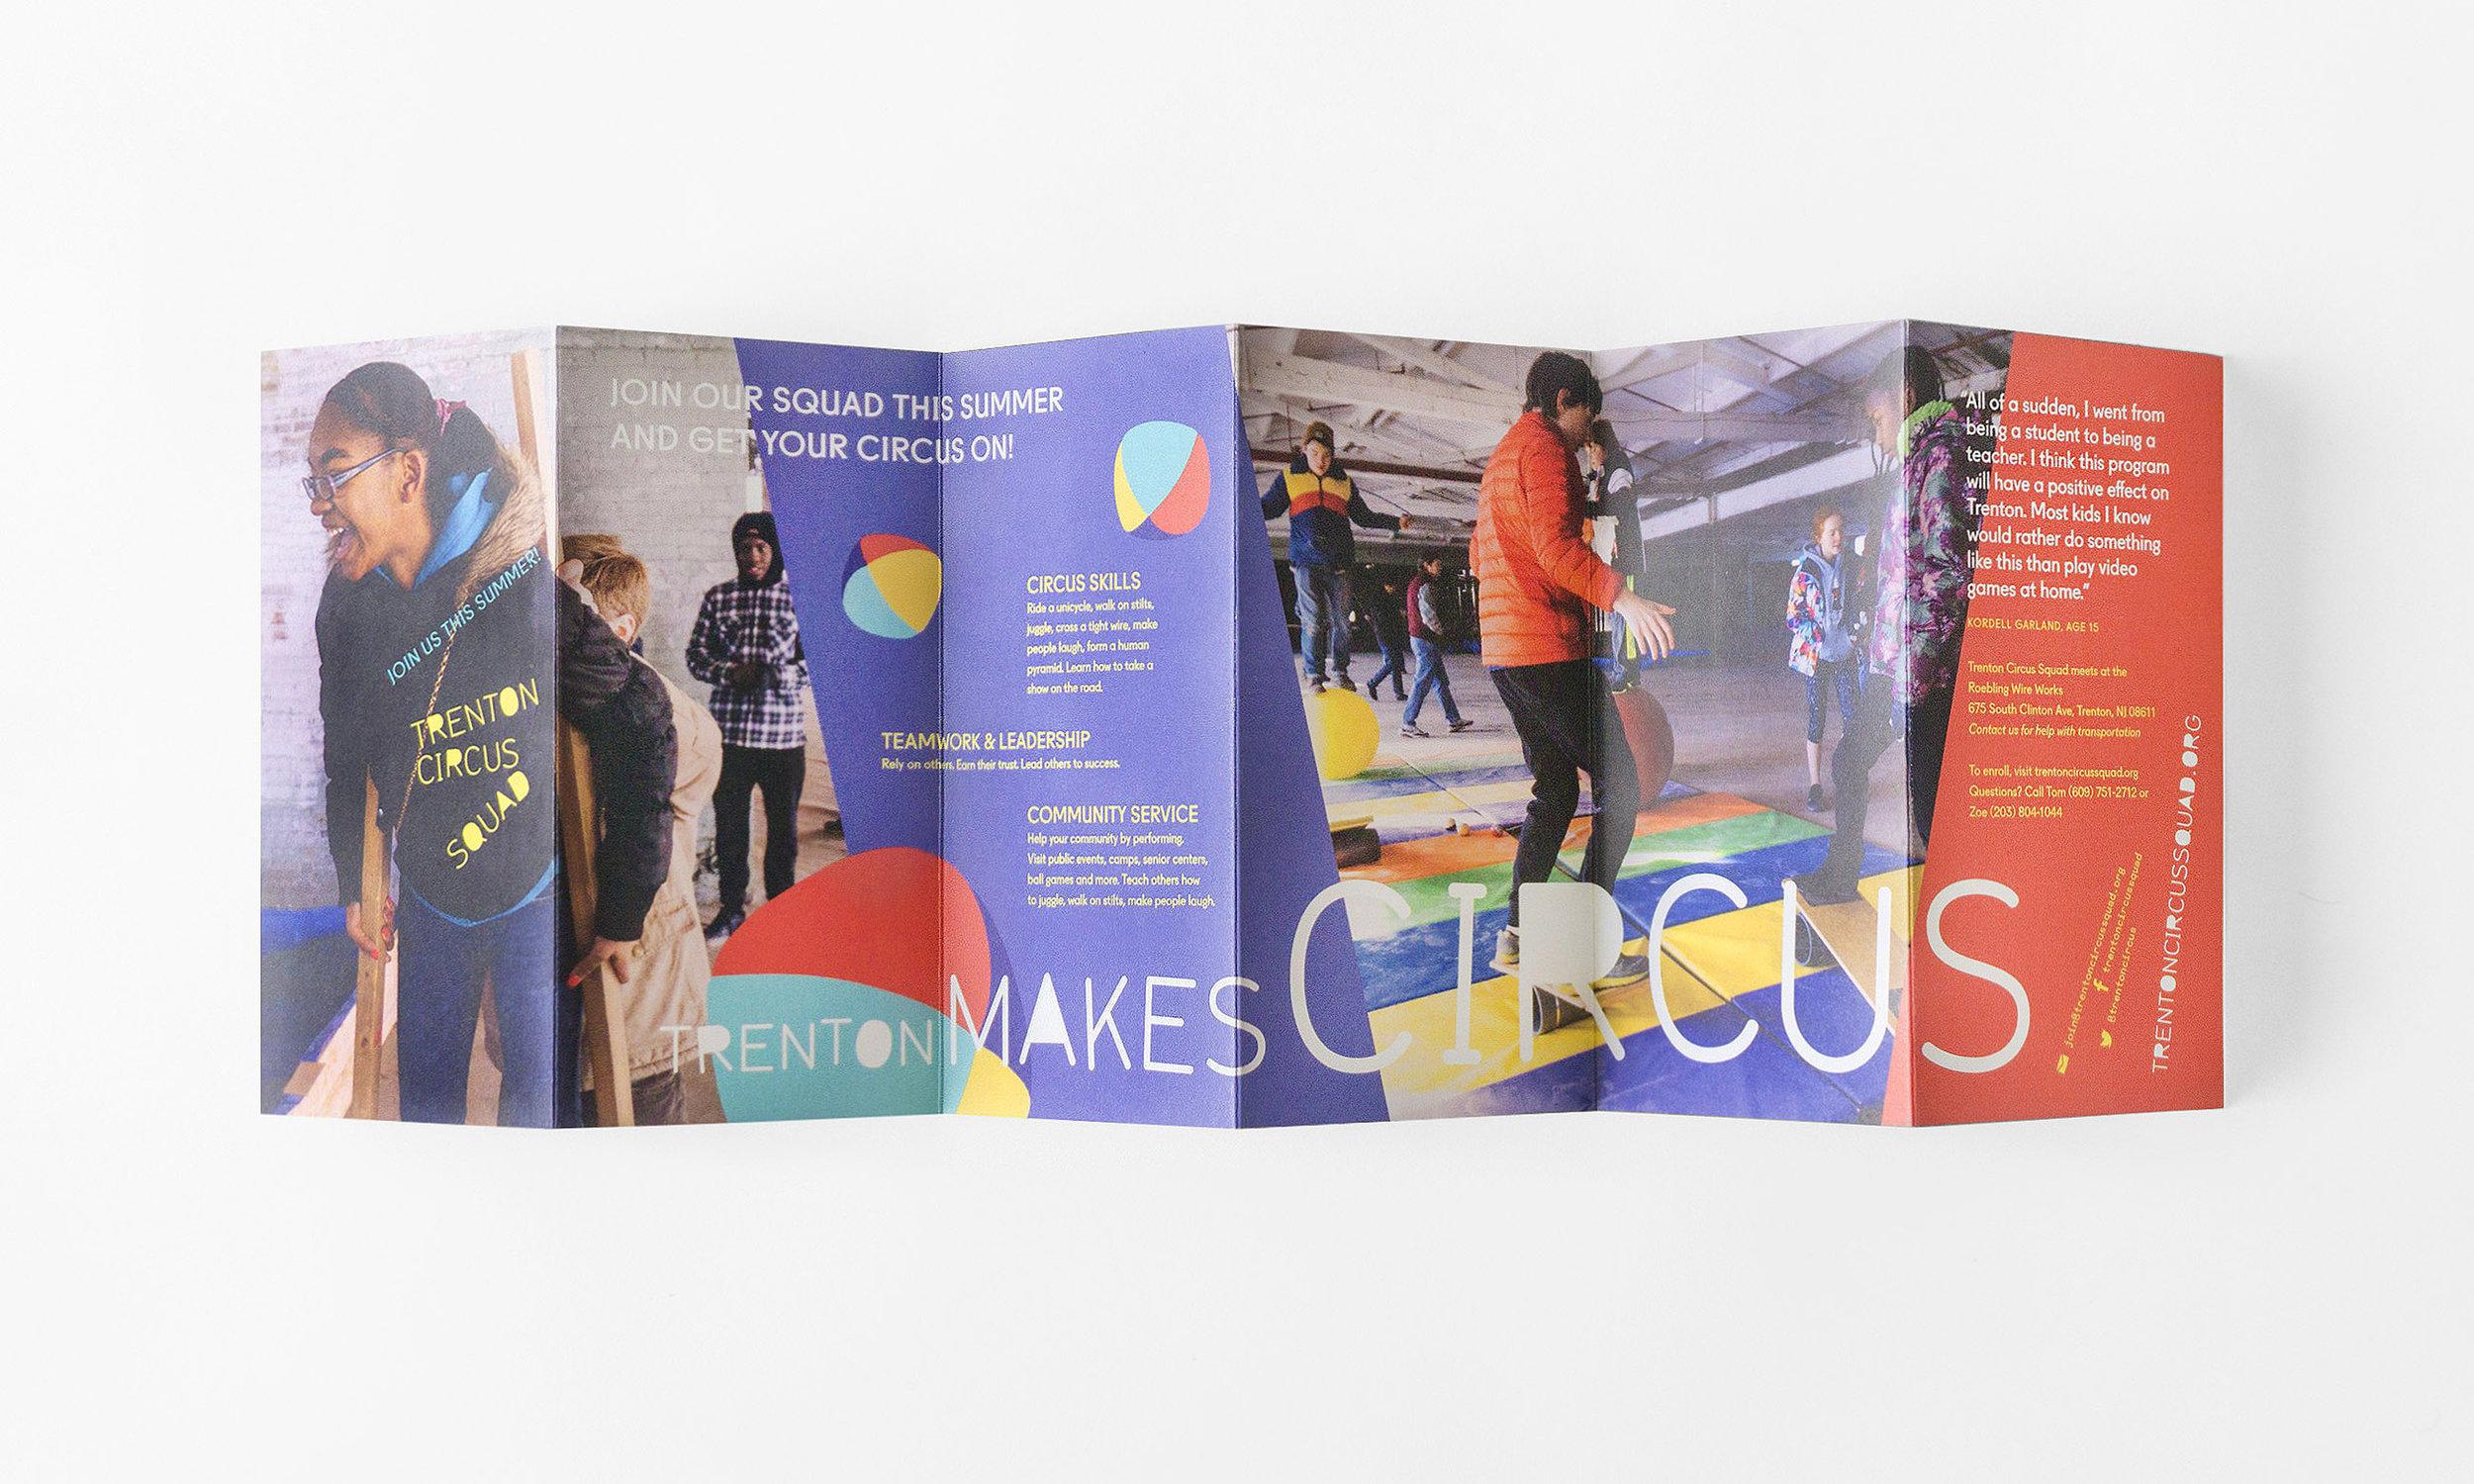 trenton_brochure31-1345x807@2x.jpg